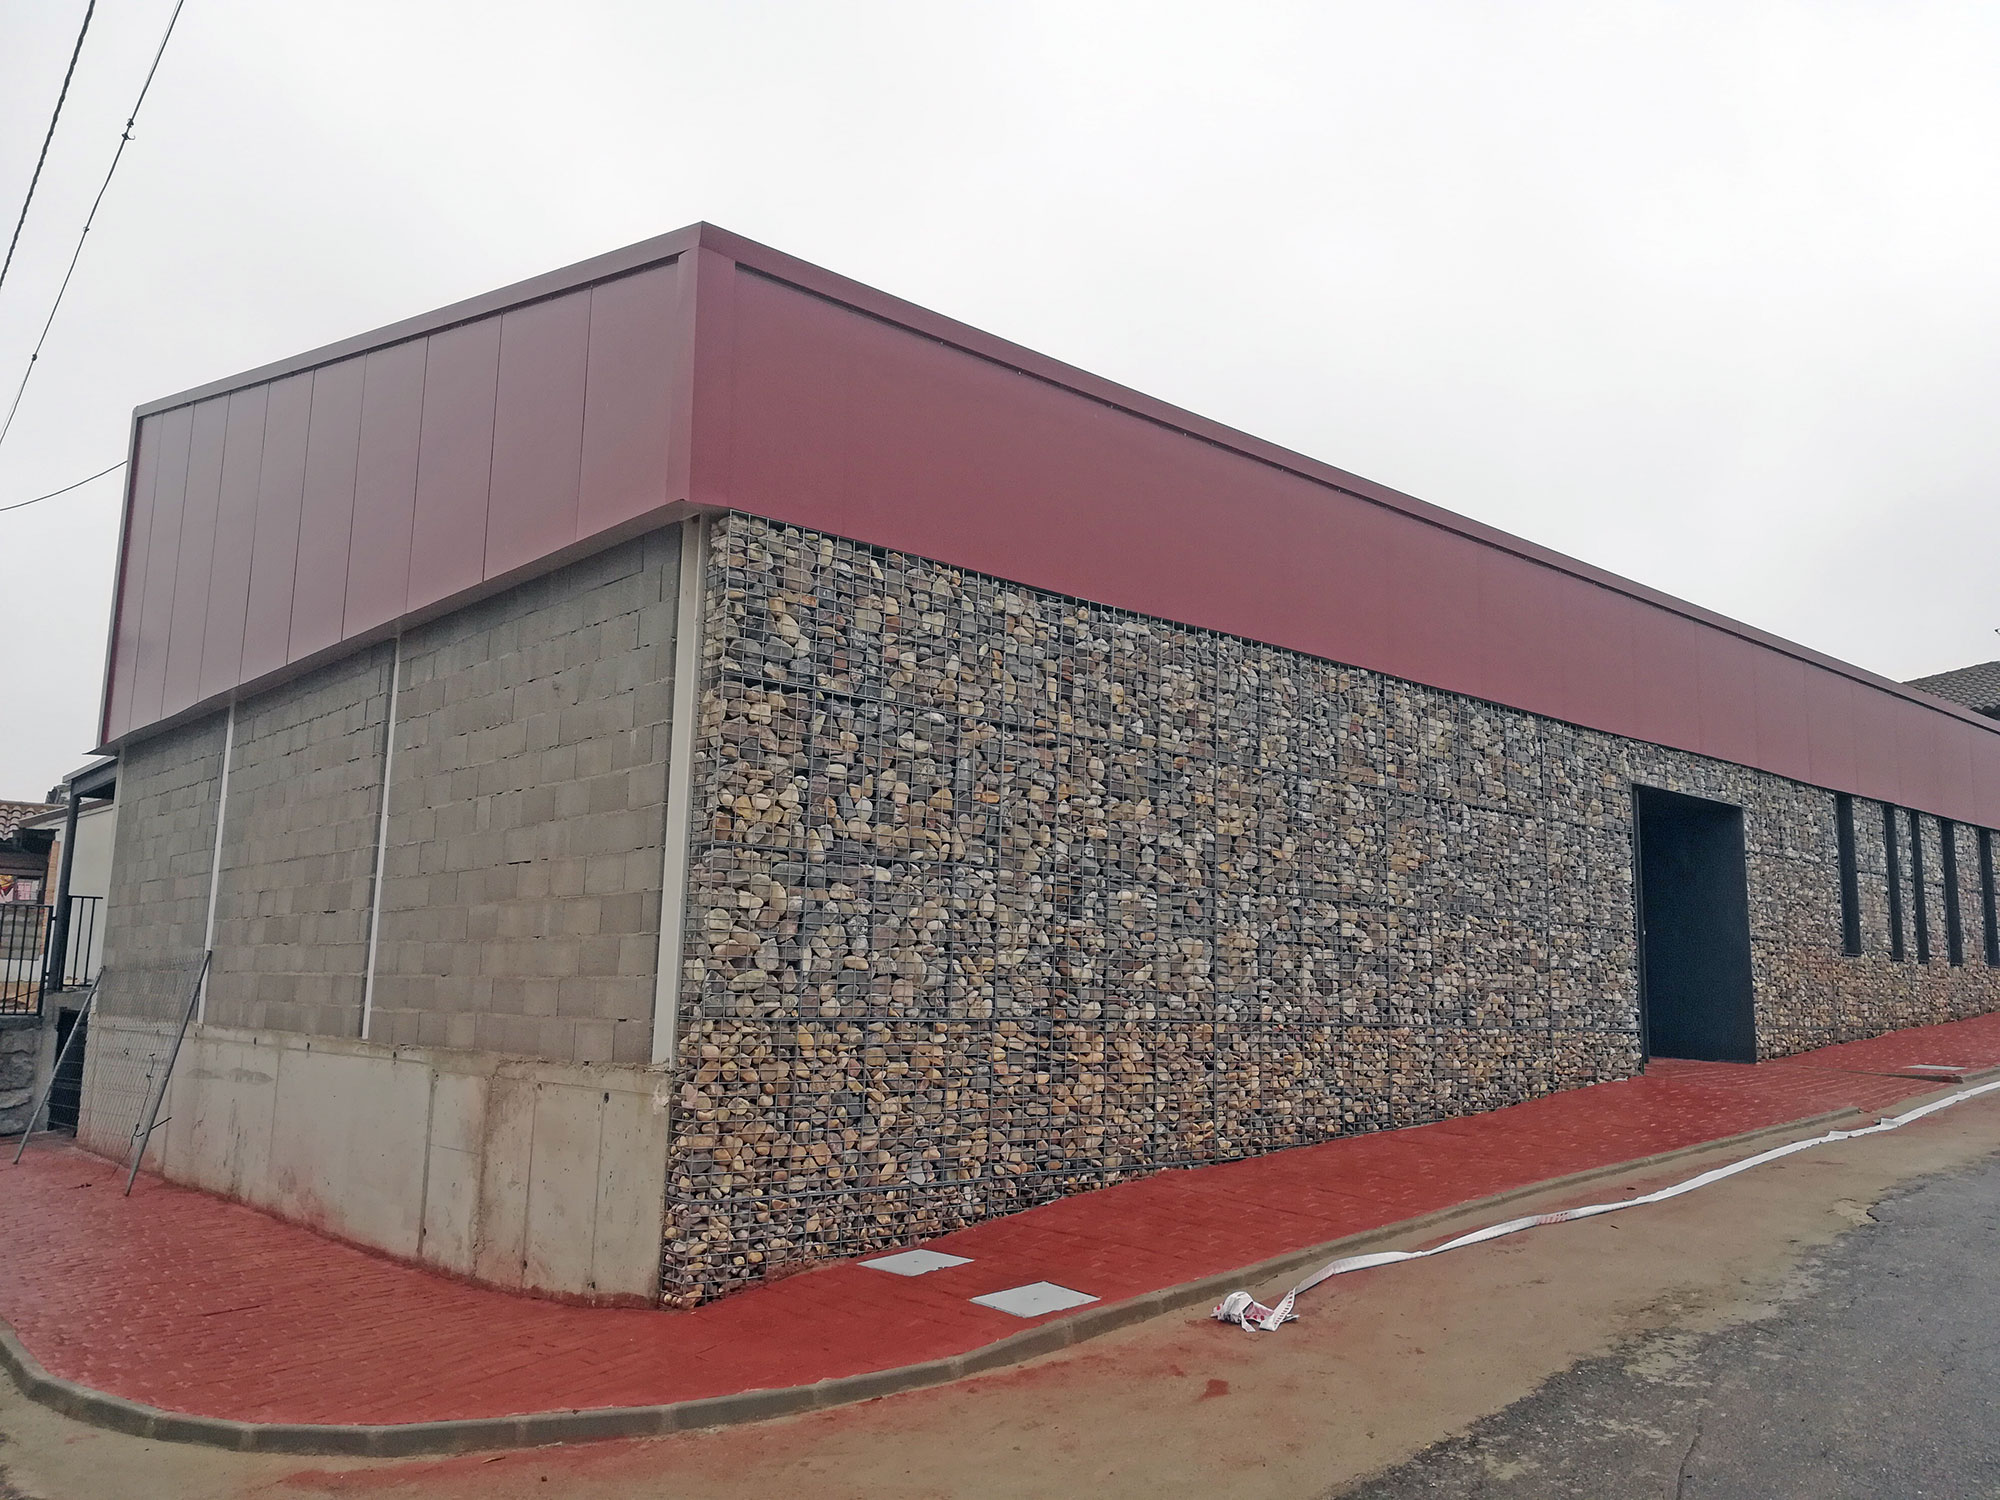 Área de Cultura - Edificio Multiusos - Ayuntamiento de Paredes de Escalona